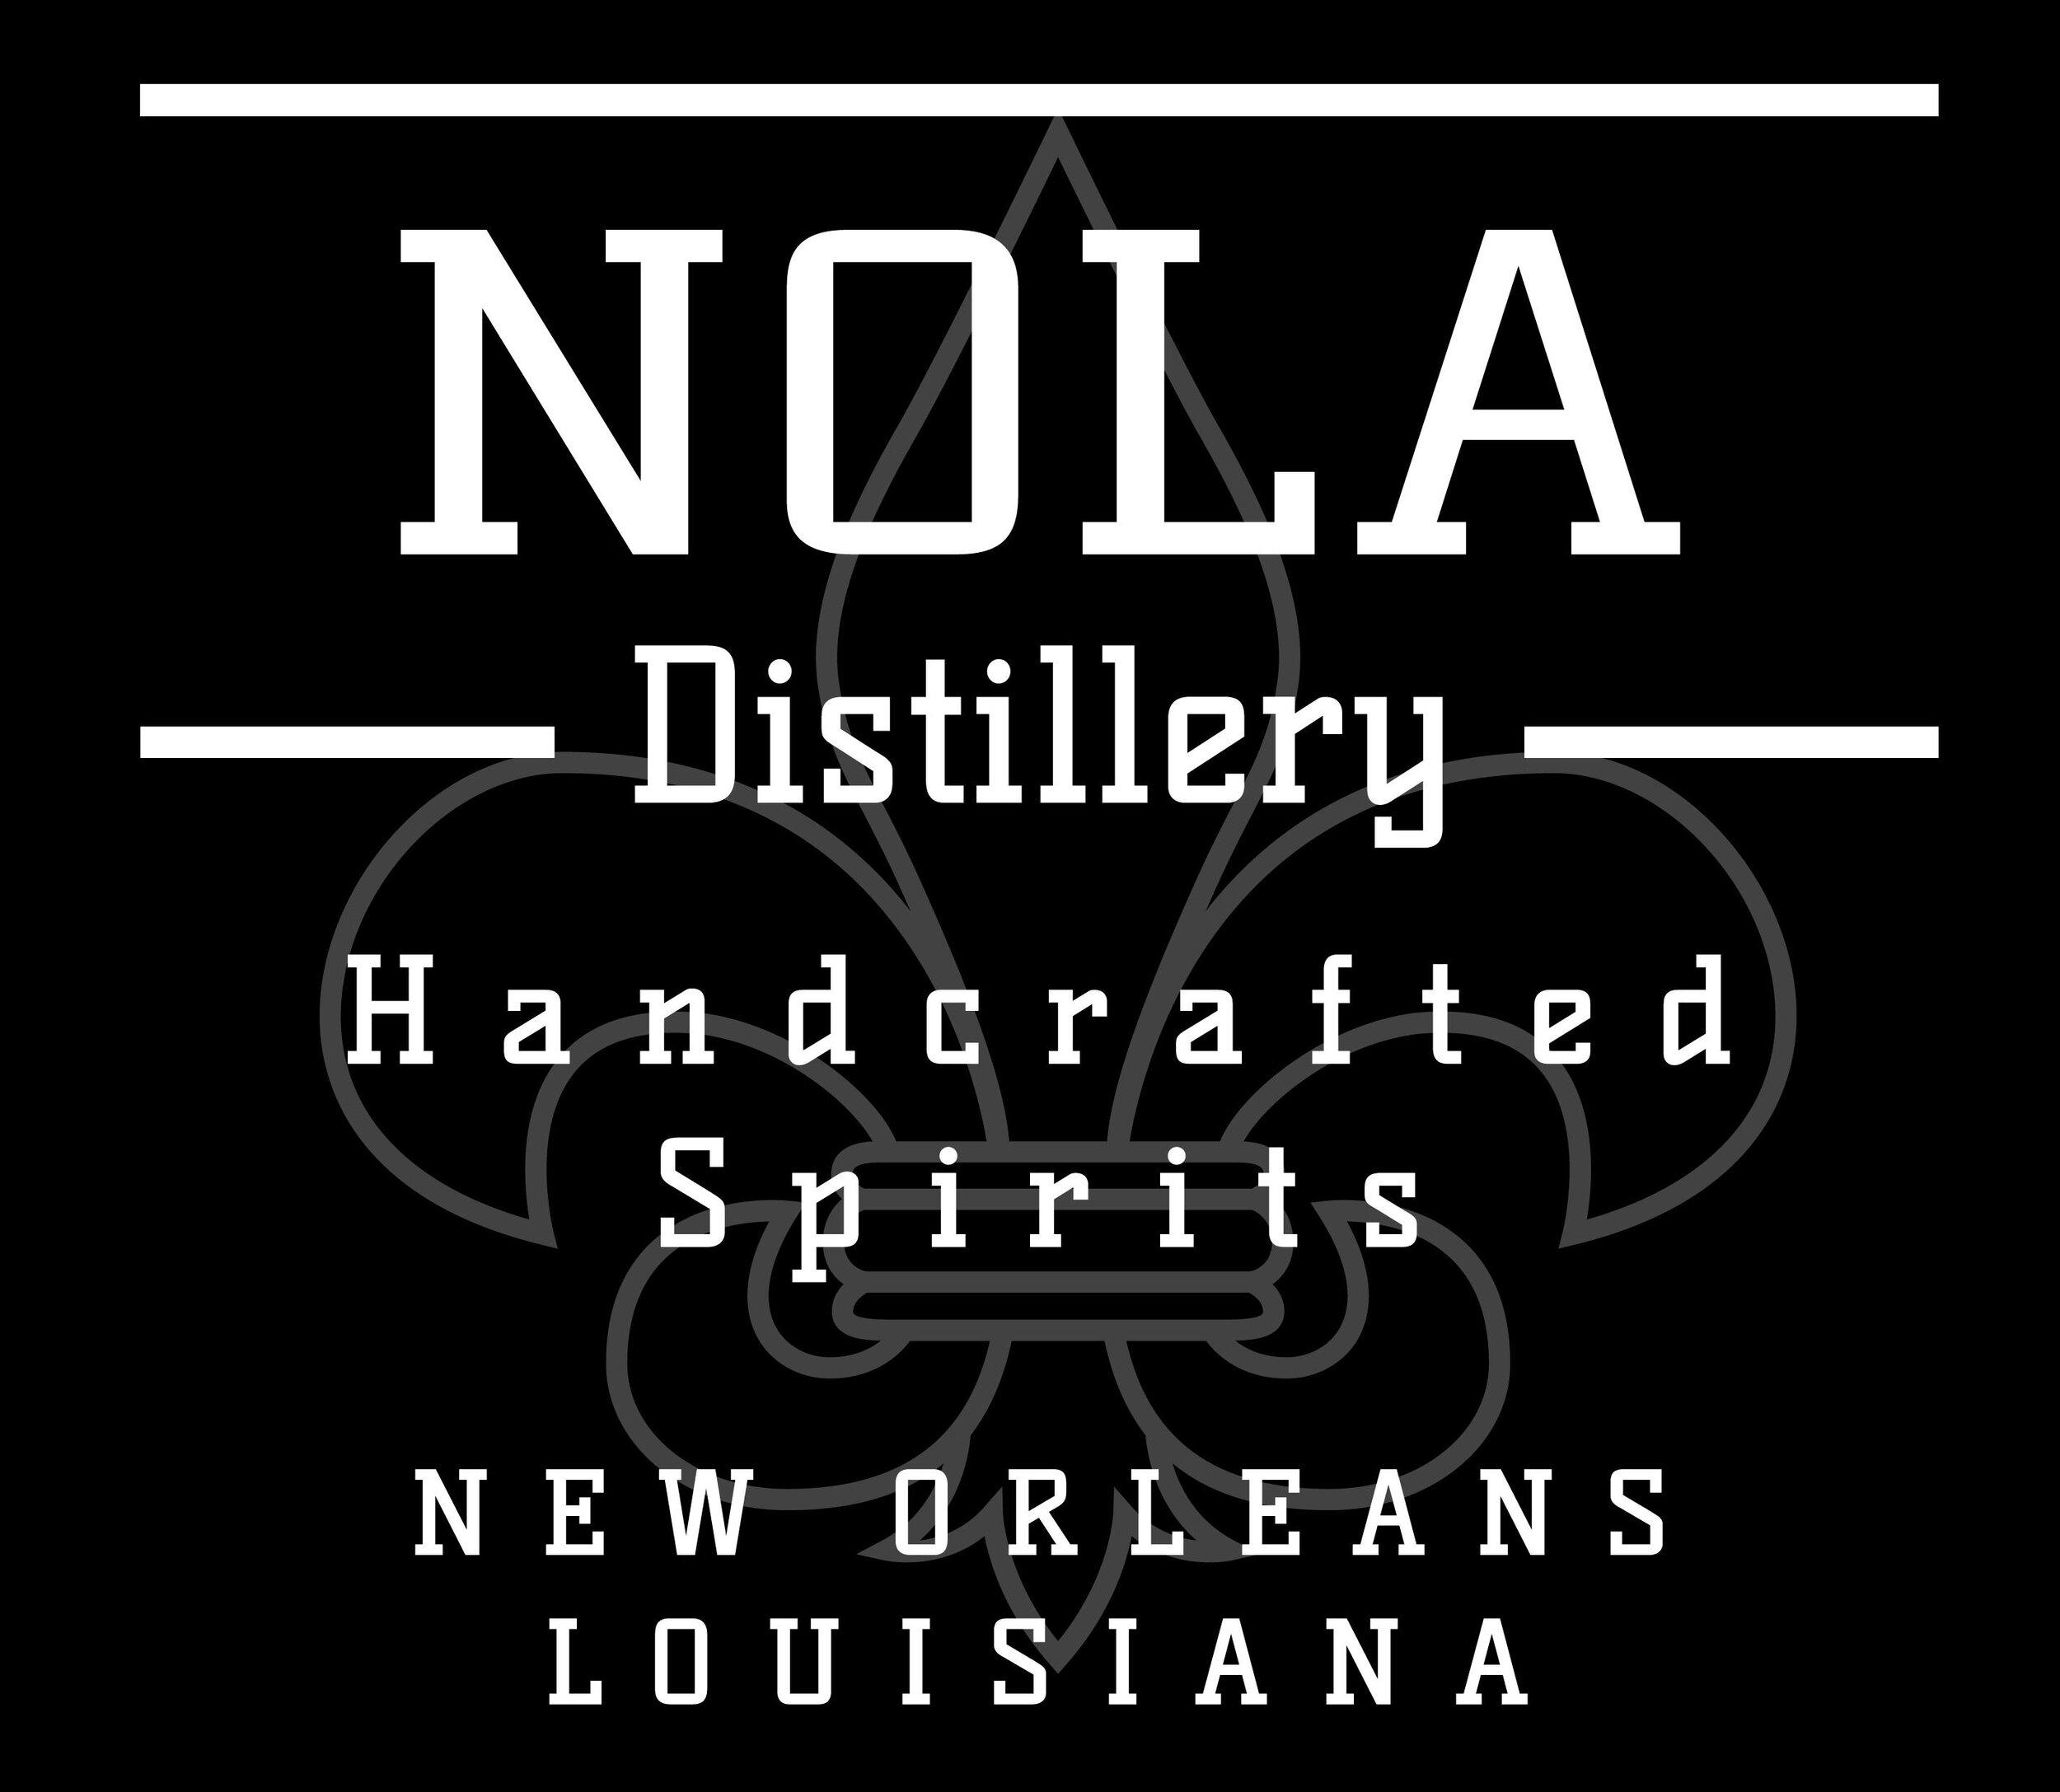 NOLA distillery.jpg